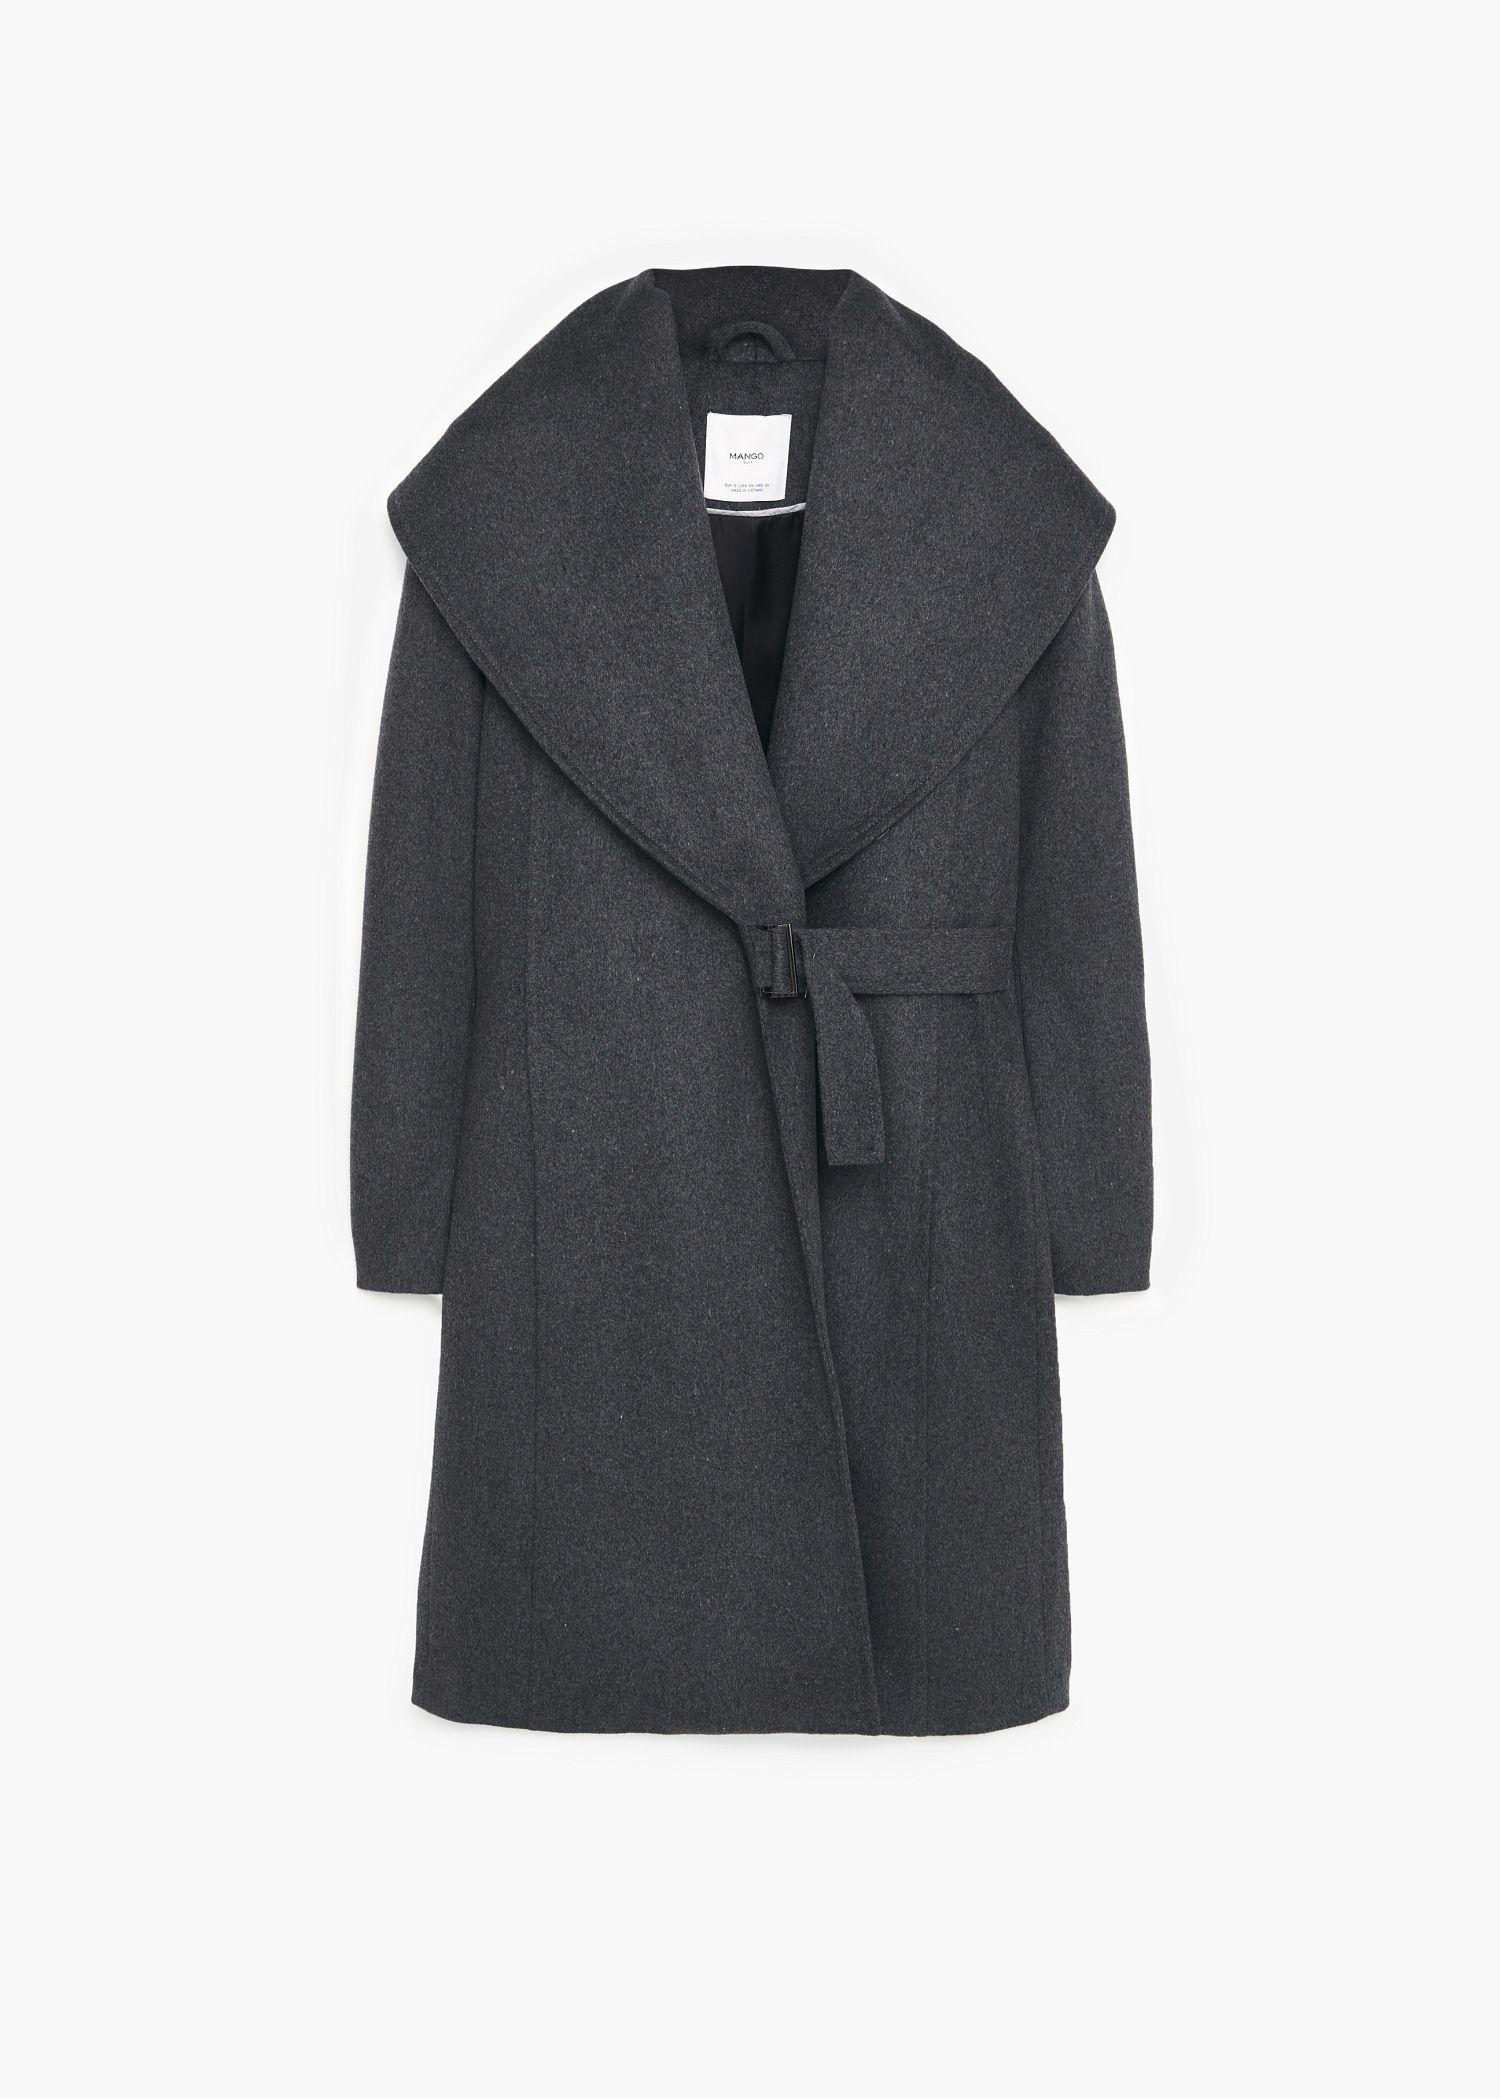 d2ec43fe6f4 Abrigo lana solapas - Mujer | My Polyvore Finds | Wool coat, Coat ...